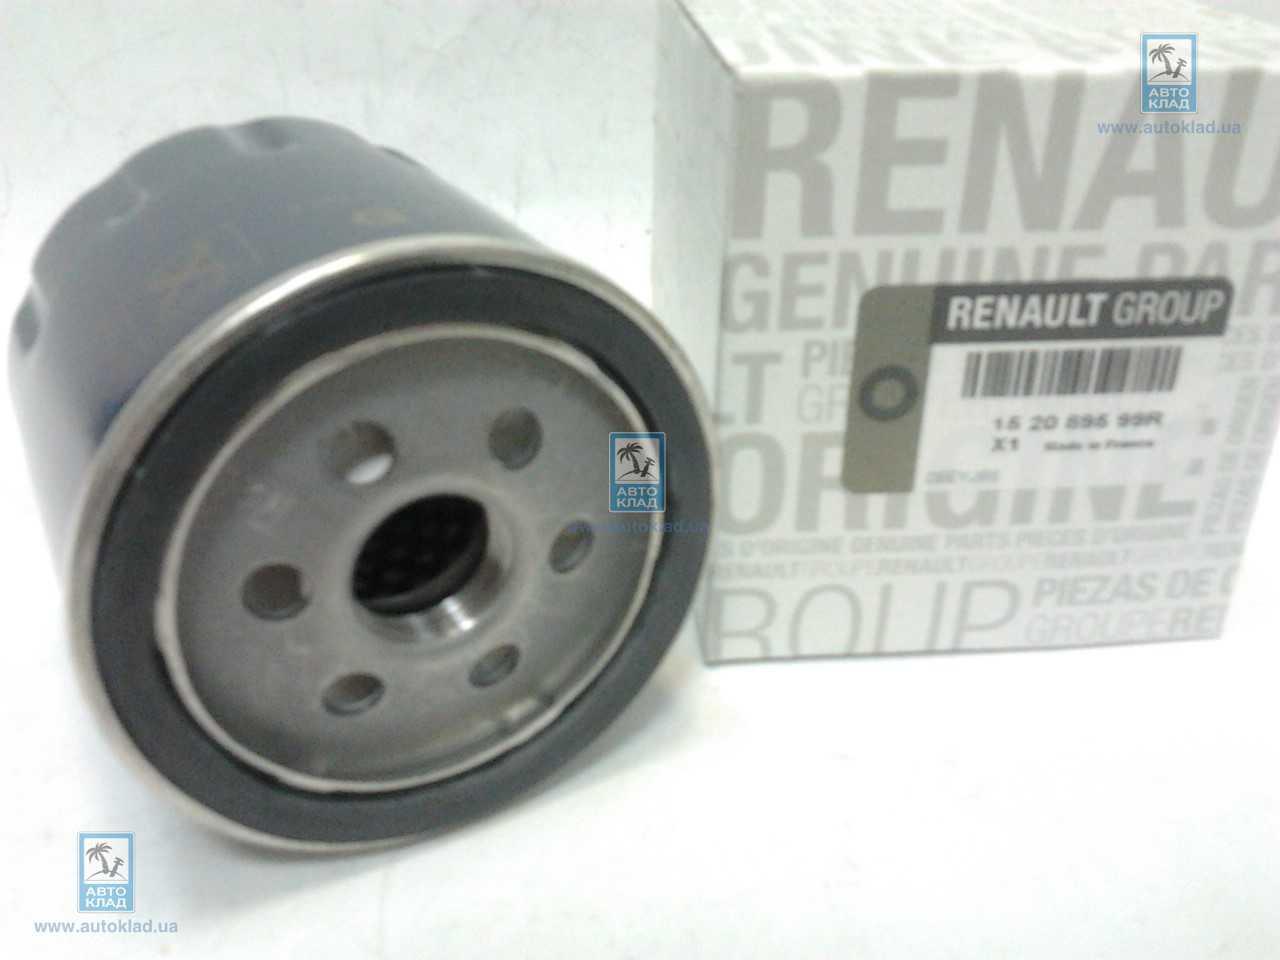 Фильтр масляный RENAULT 152089599R